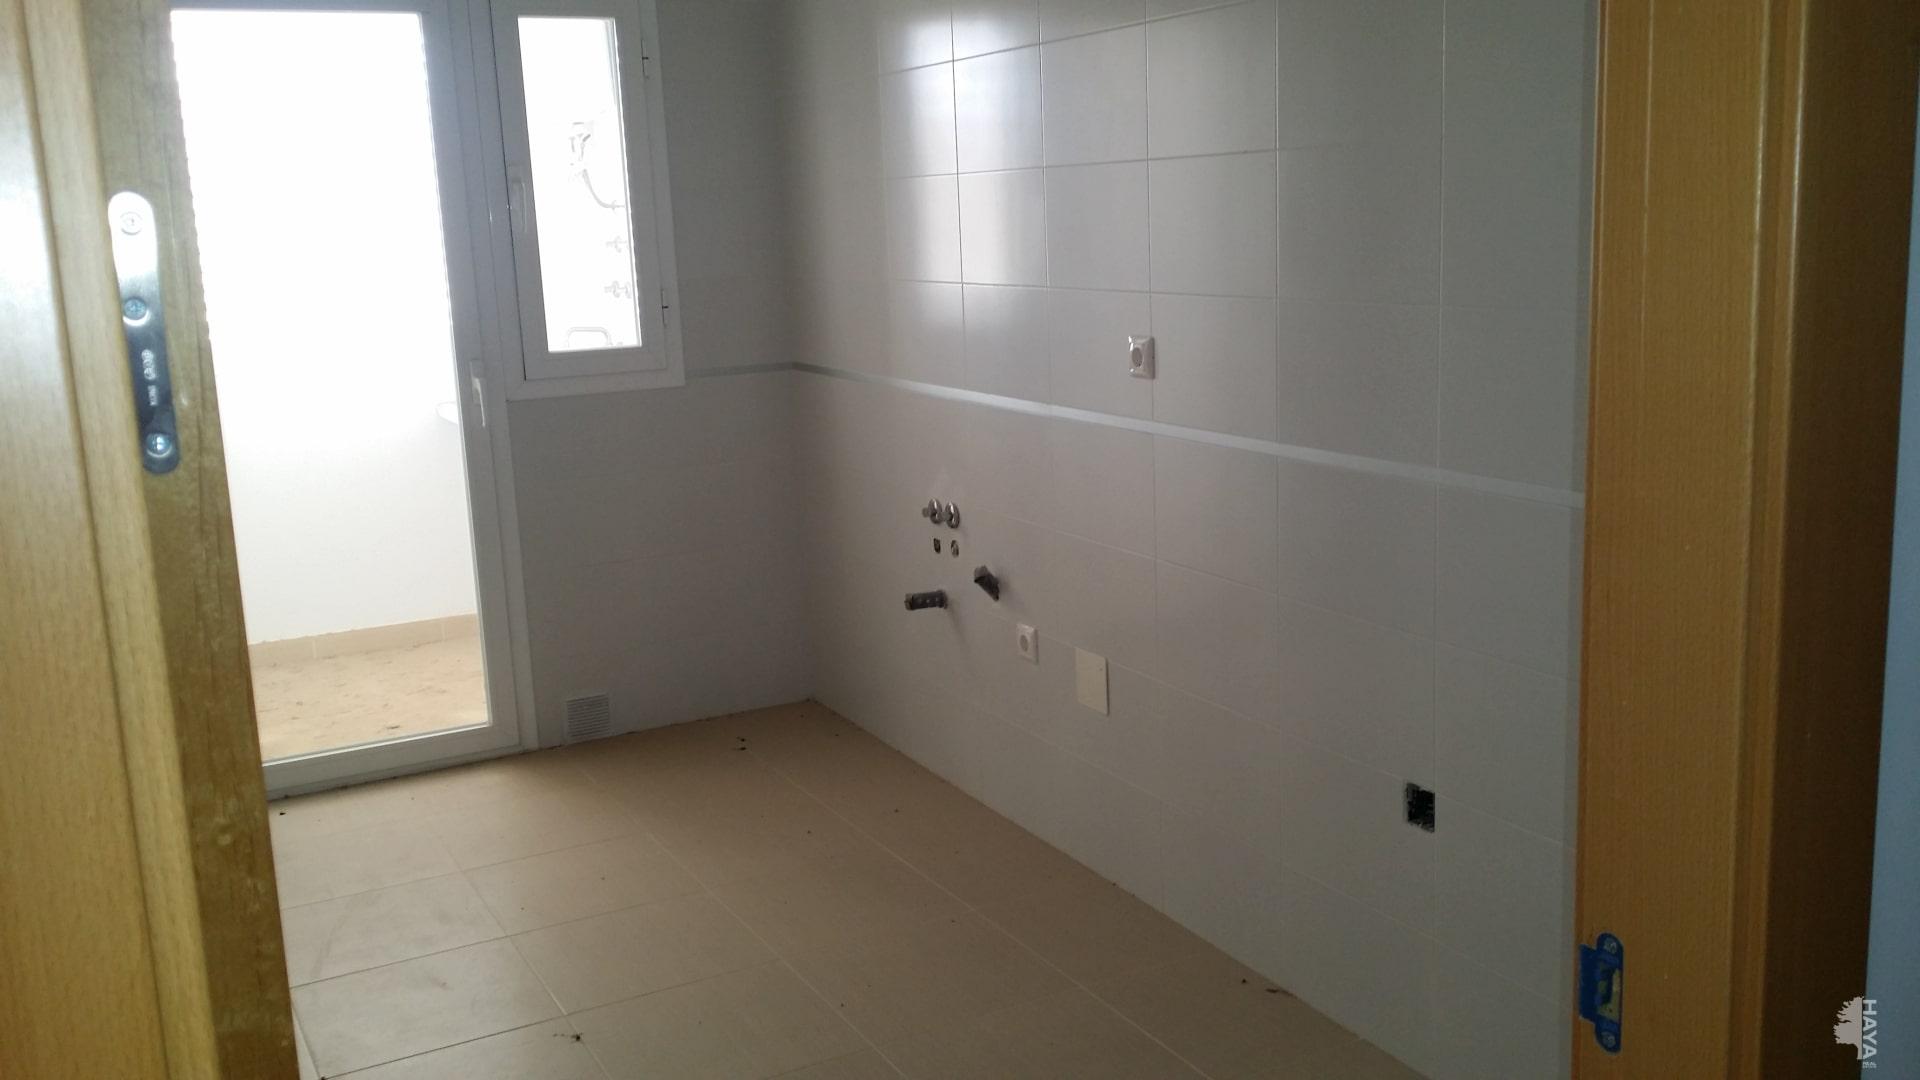 Piso en venta en Piso en Olula del Río, Almería, 72.100 €, 3 habitaciones, 1 baño, 98 m2